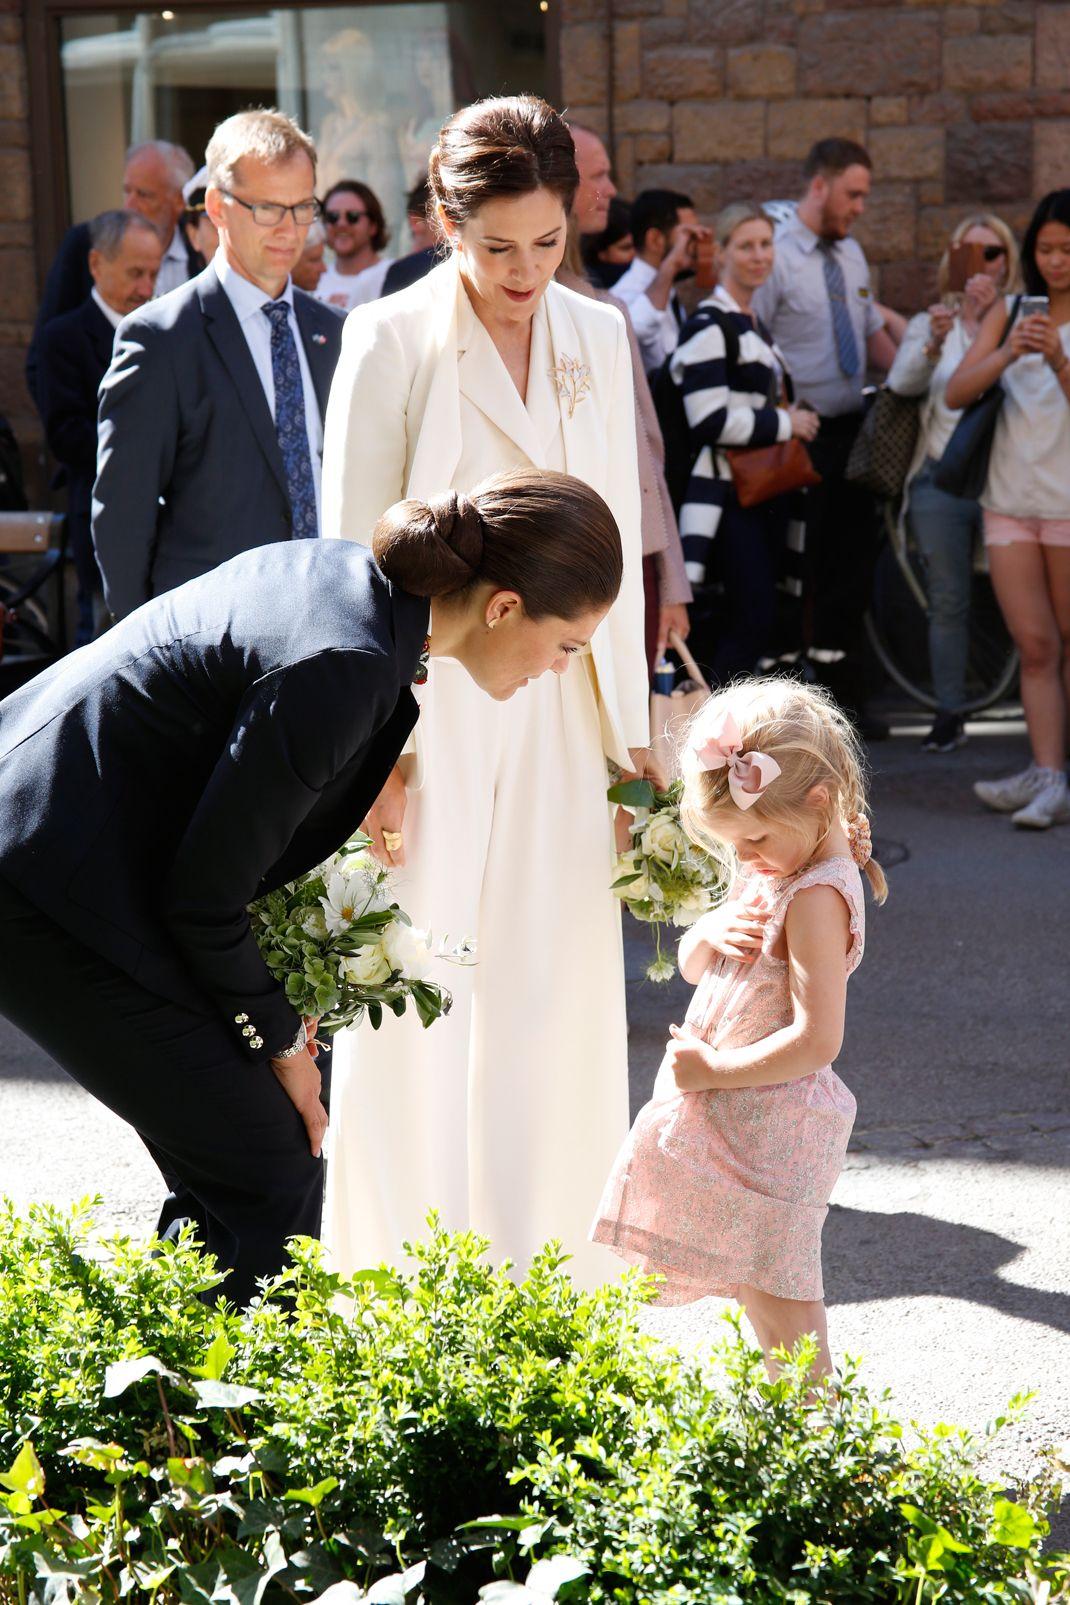 Se härligaste bilderna från Mary och Frederiks besök | Svensk Damtidning